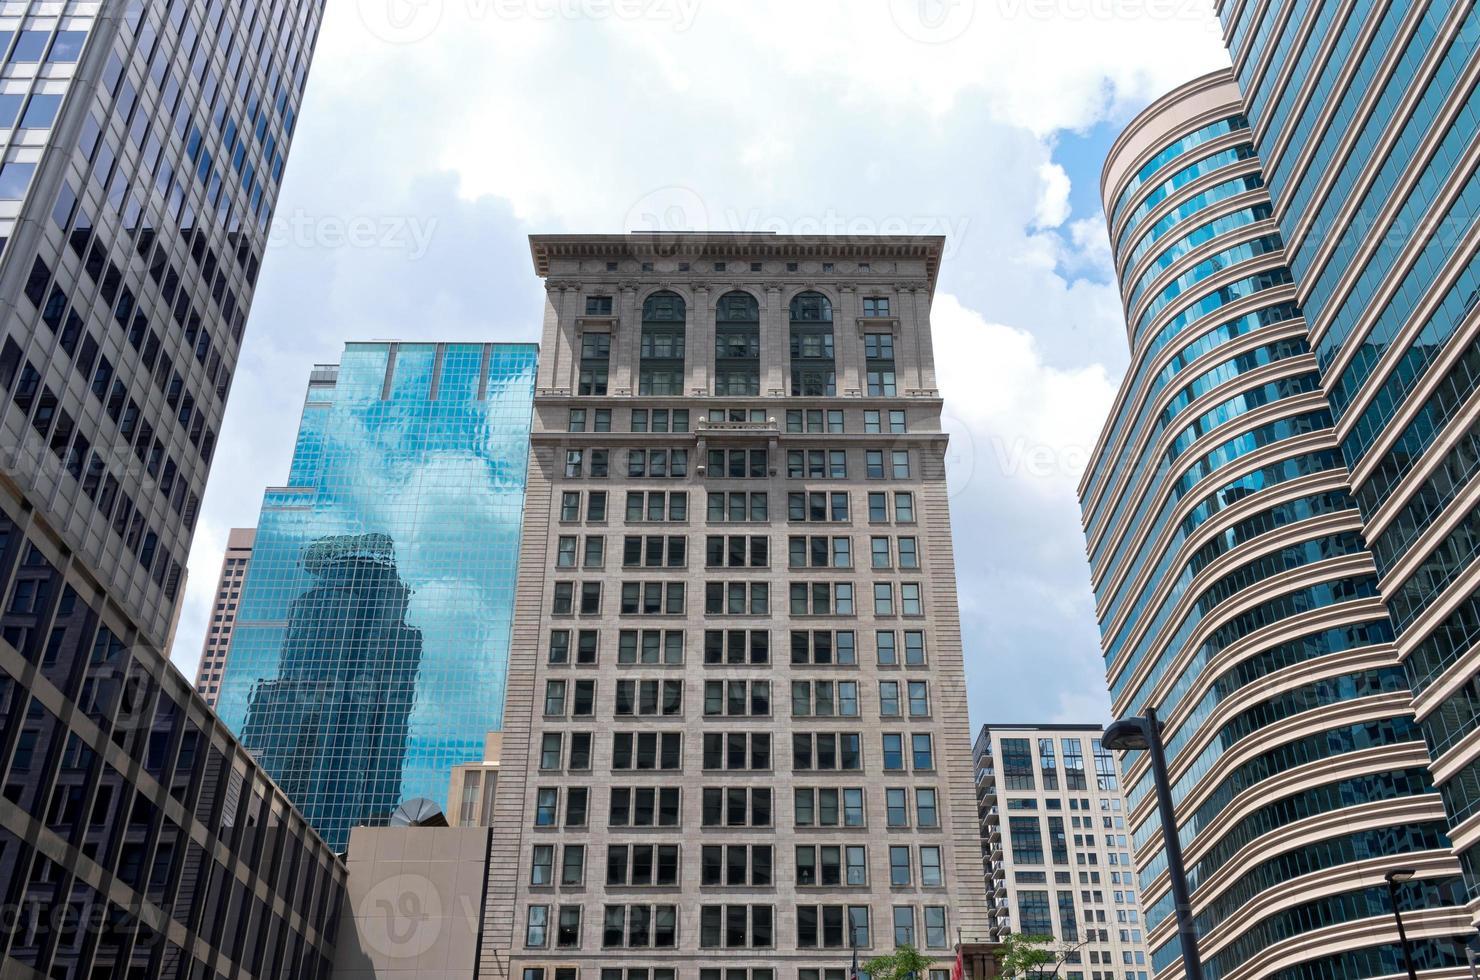 architettura storica e grattacieli di vetro foto